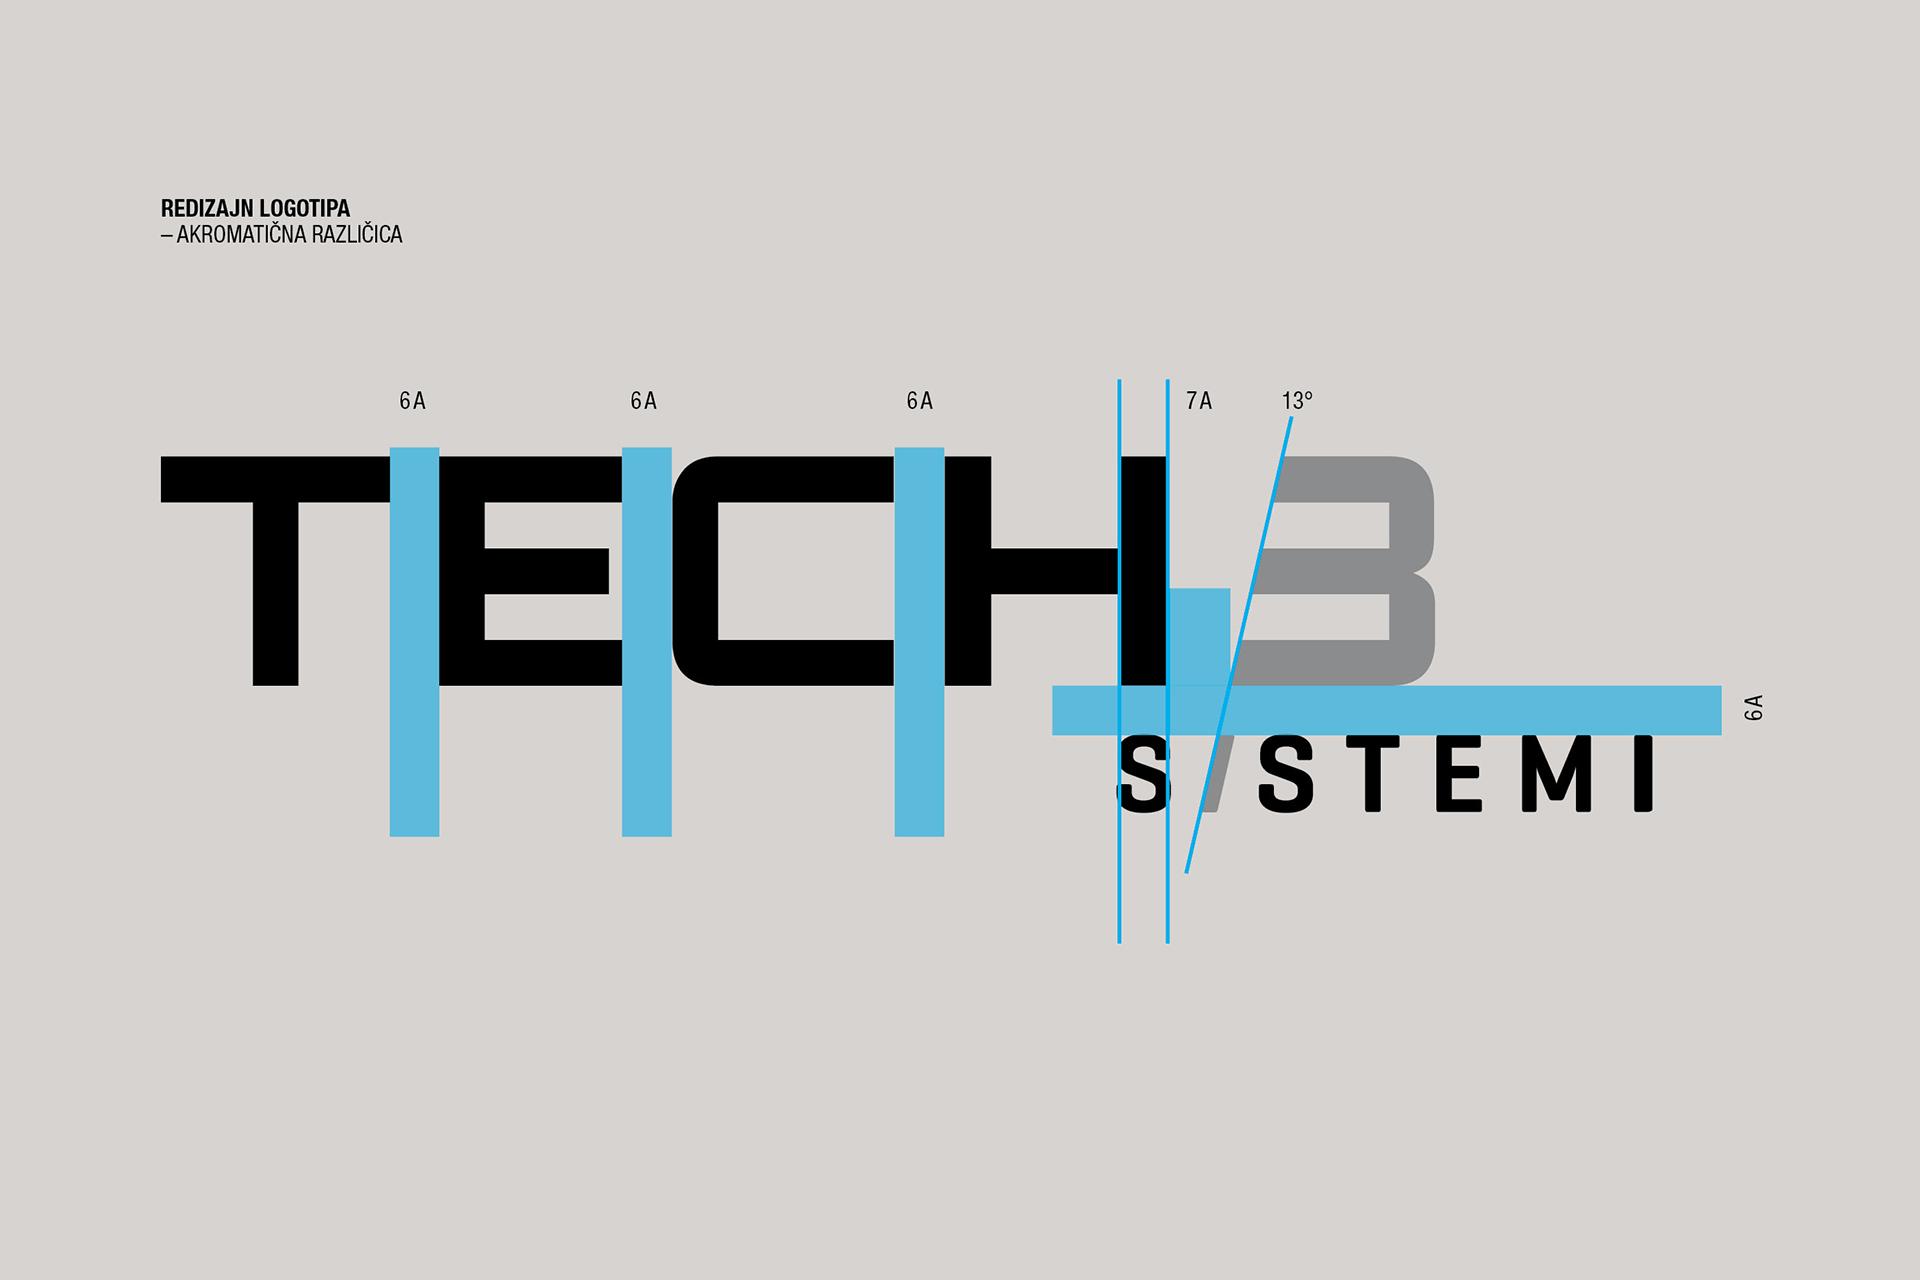 tech_3_marinsek_ma-ma_znak3